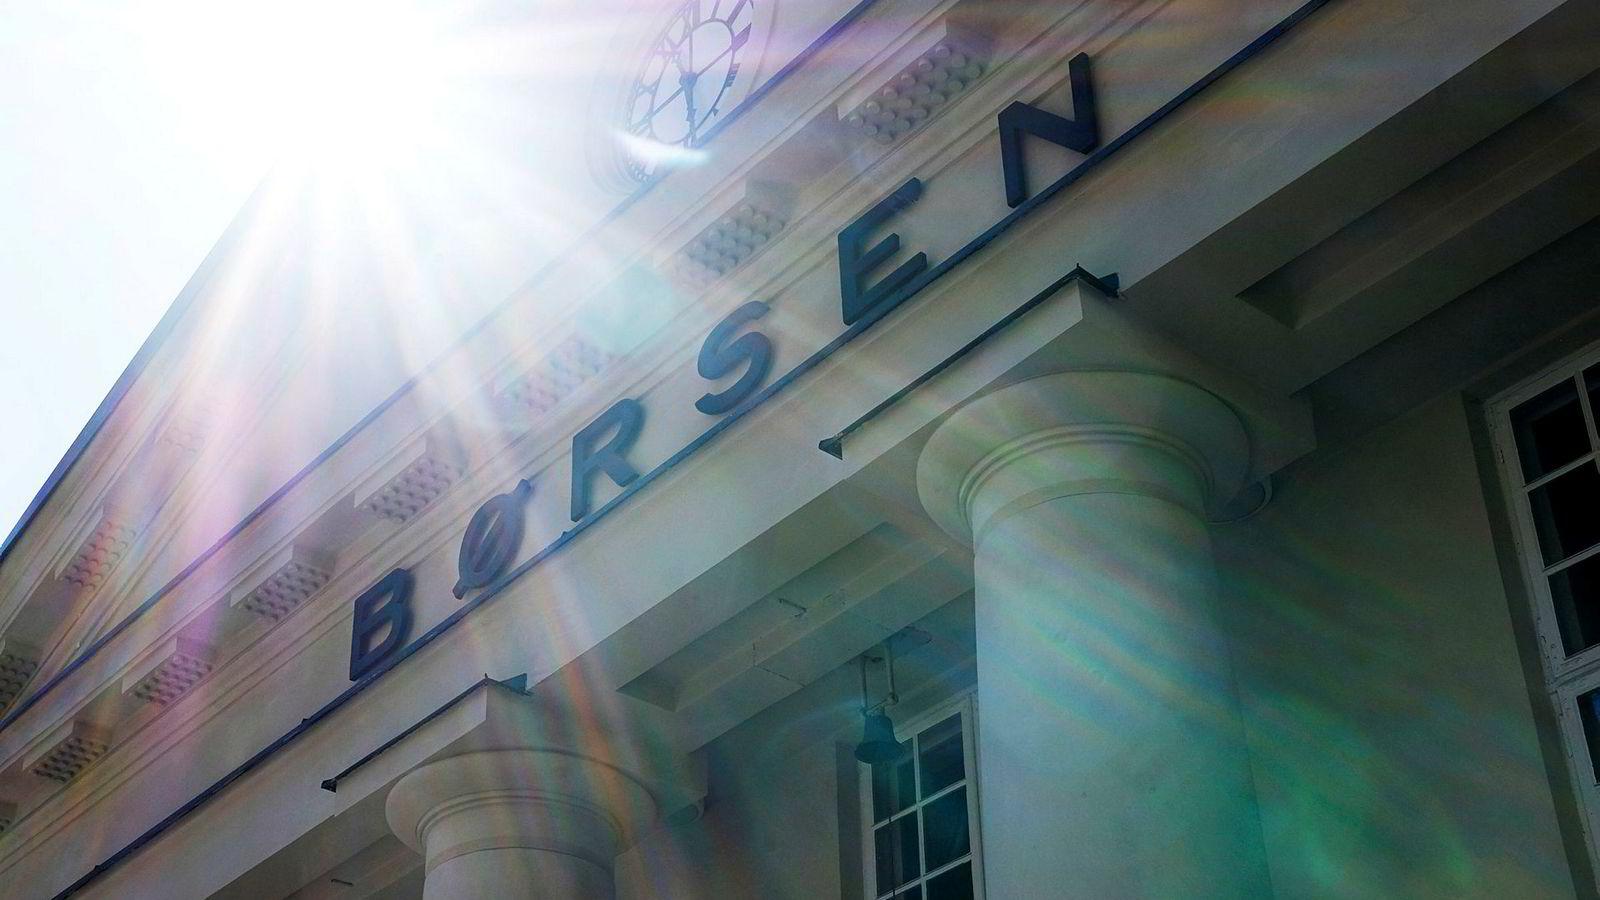 Etter to dager på rad med kvartalsrapporter fra store selskaper på Oslo Børs, returnerte sommerroen til aksjemarkedet onsdag.